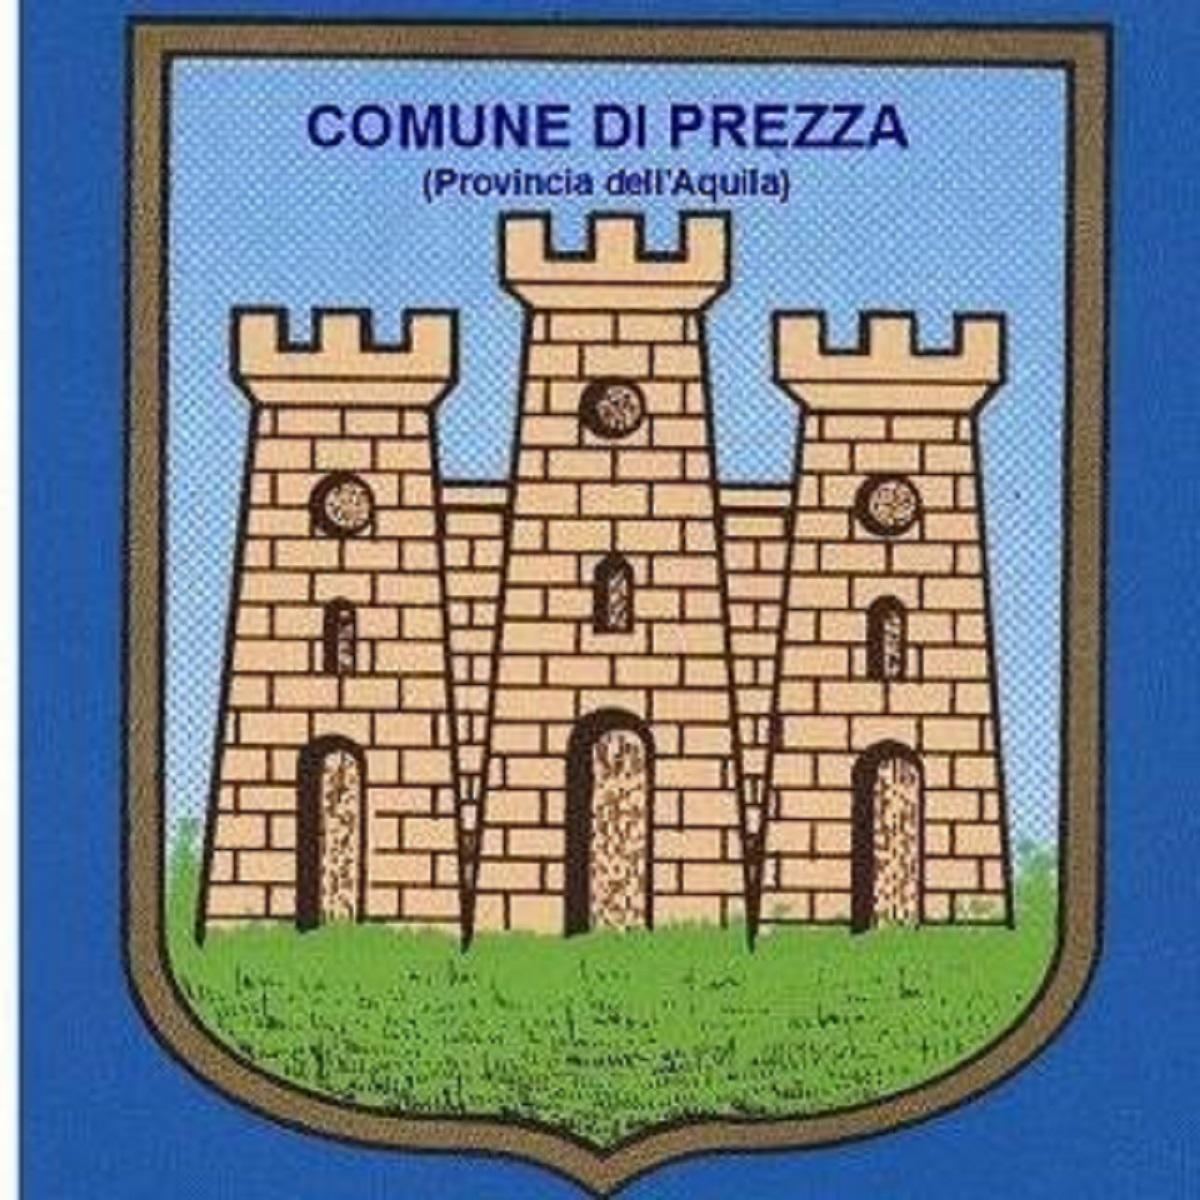 Prezza Convocato Consiglio Comunale 31 maggio 2021 foto